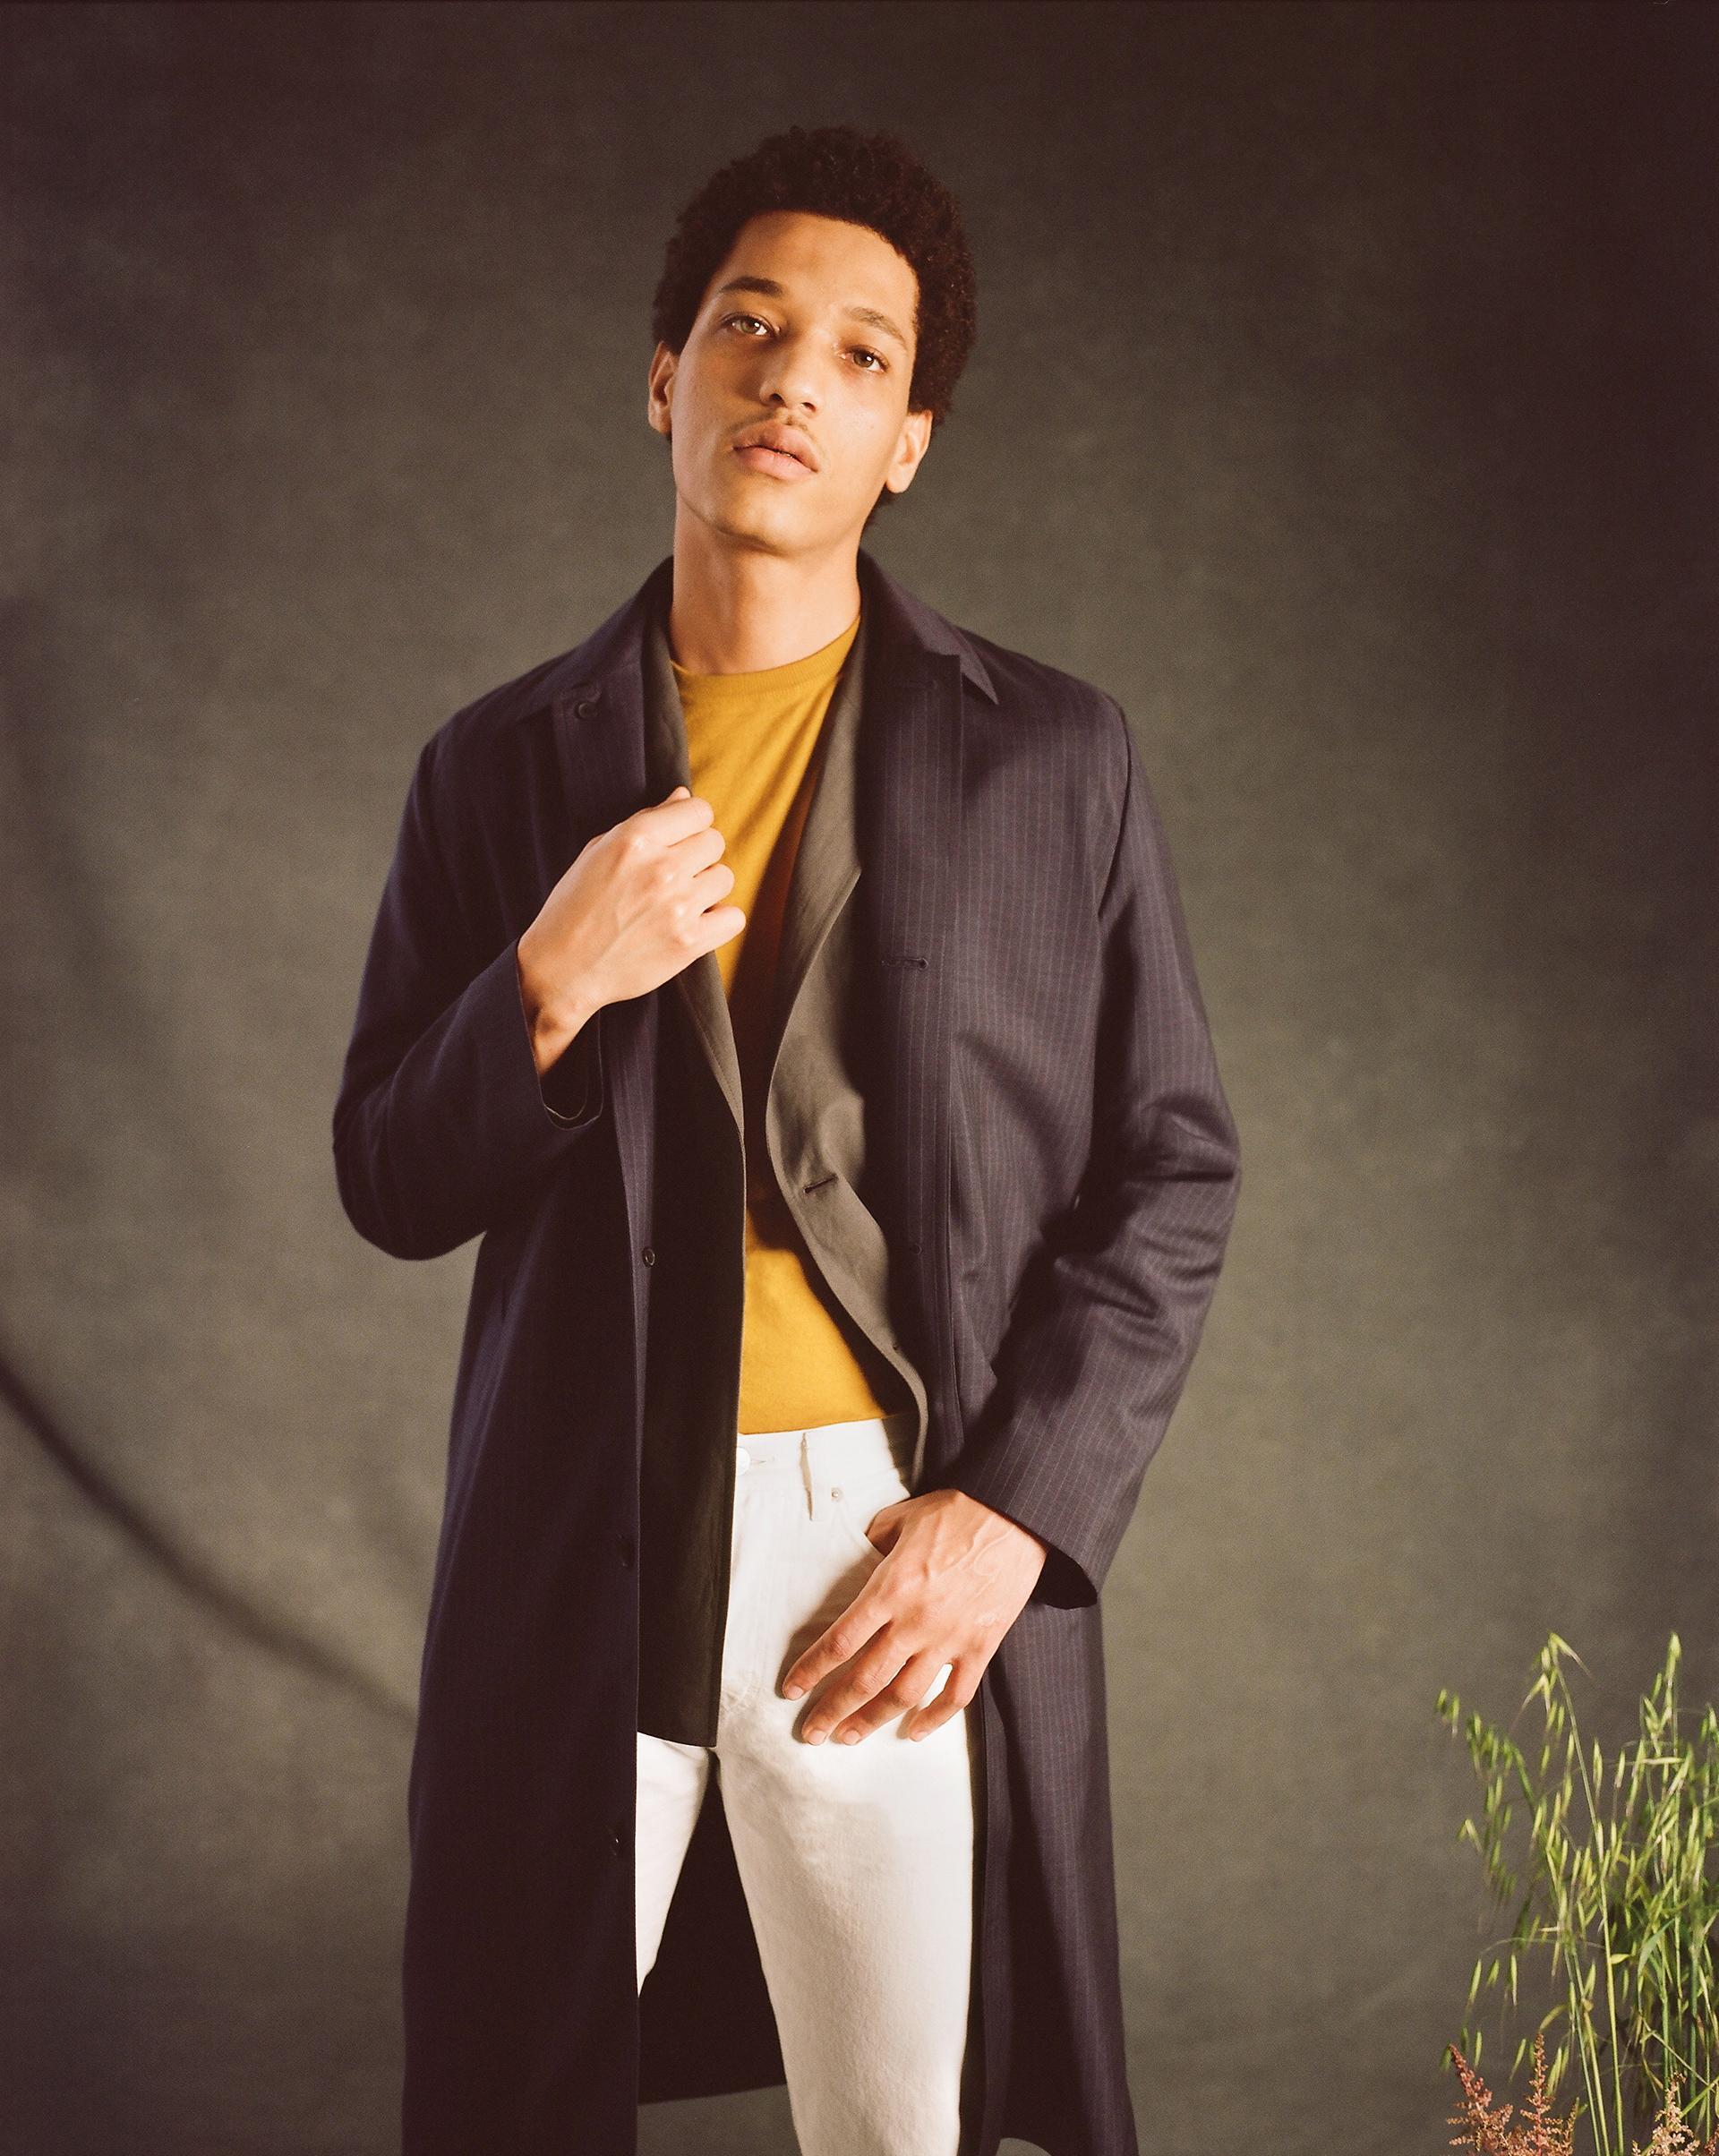 Mr Porter model